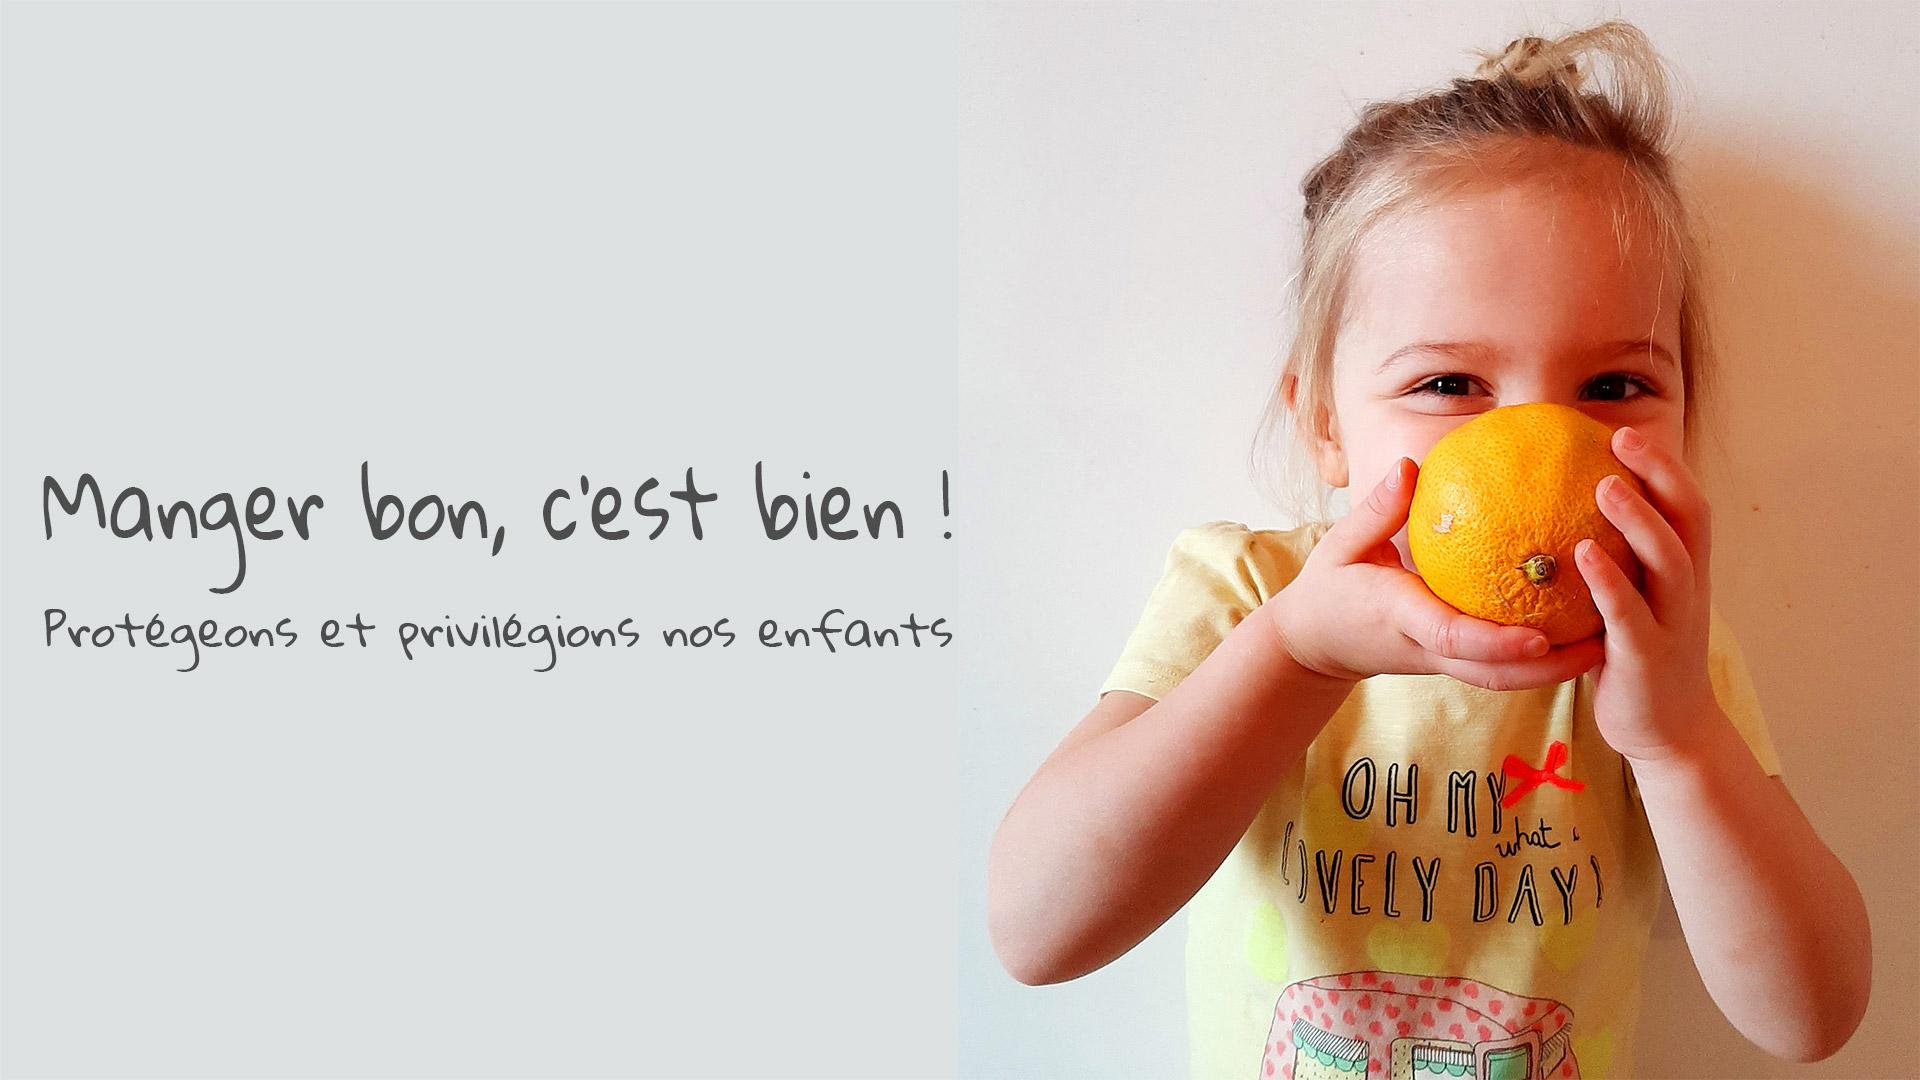 Manger bon c'est bien ! Protégeons et privilégions nos enfants.